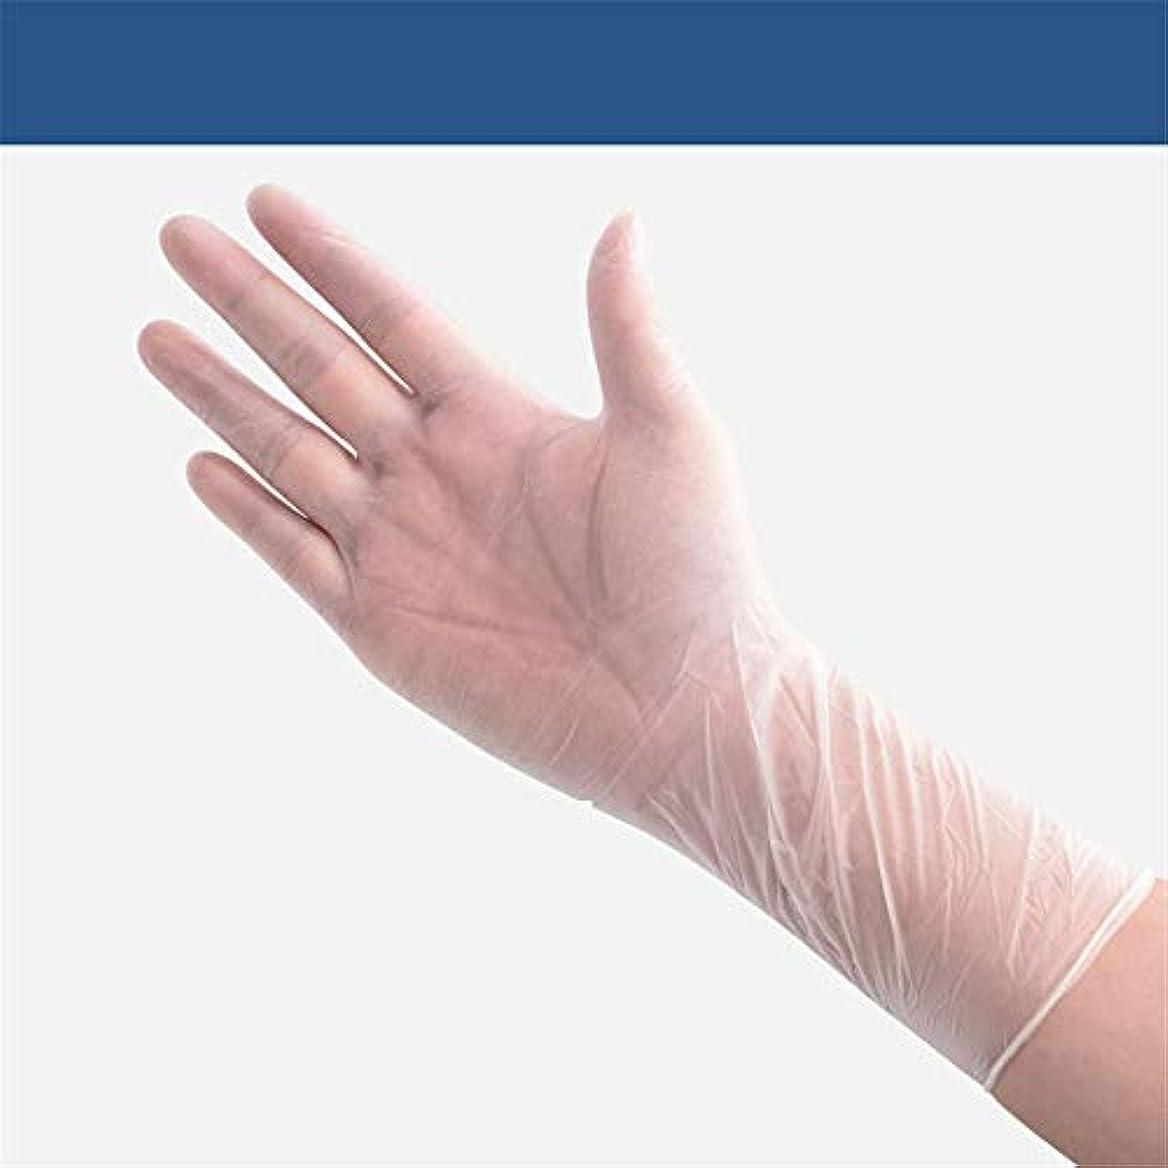 つづり降臨フェデレーションBTXXYJP キッチン用手袋 手袋 作業 食器洗い 炊事 掃除 園芸 洗車 防水 手袋 (100 Packs) (Color : Pvc 100pcs, Size : M)